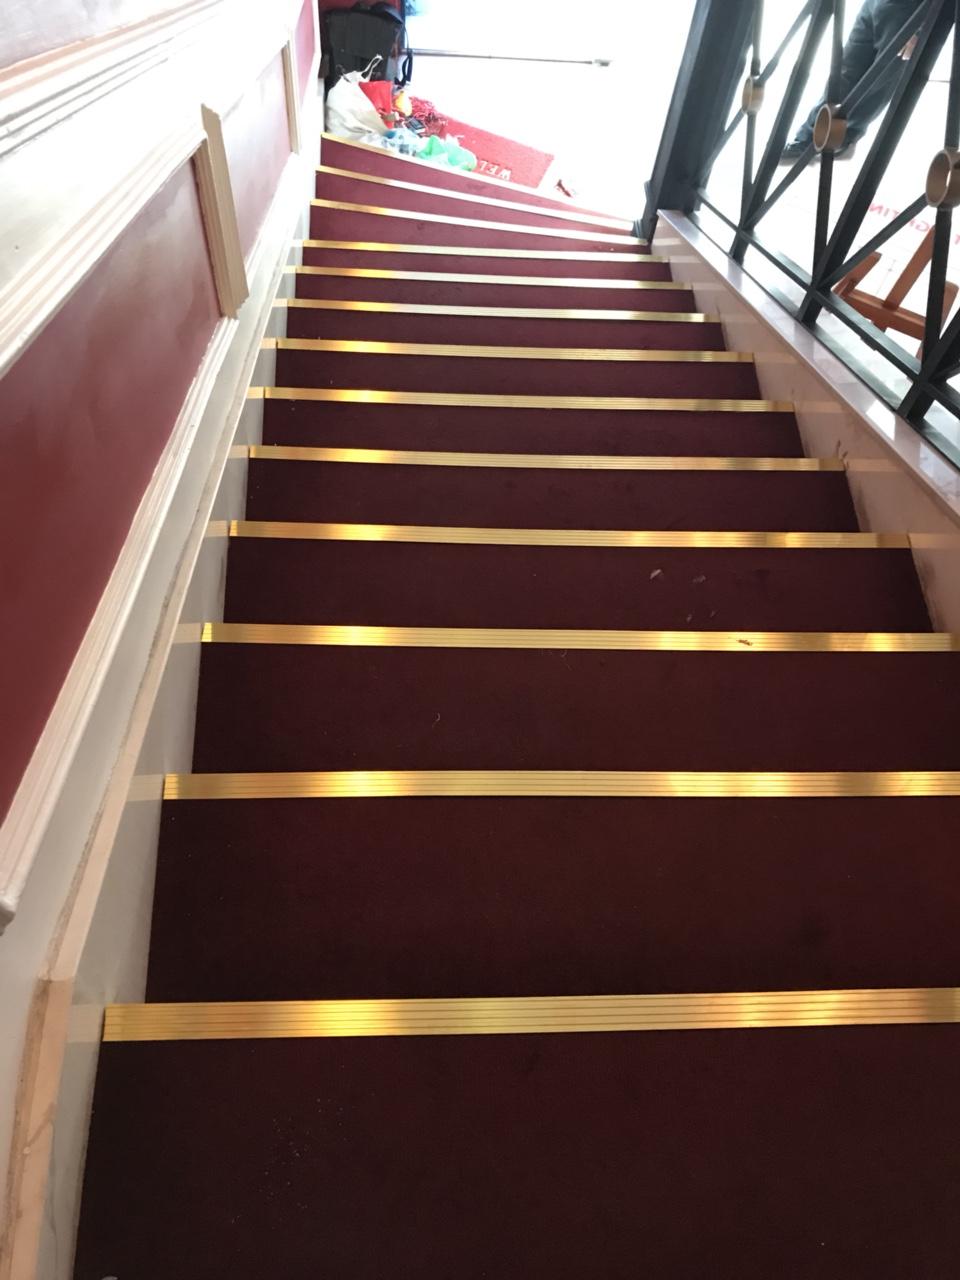 Công dụng tuyệt vời của nẹp đồng chống trượt cầu thang